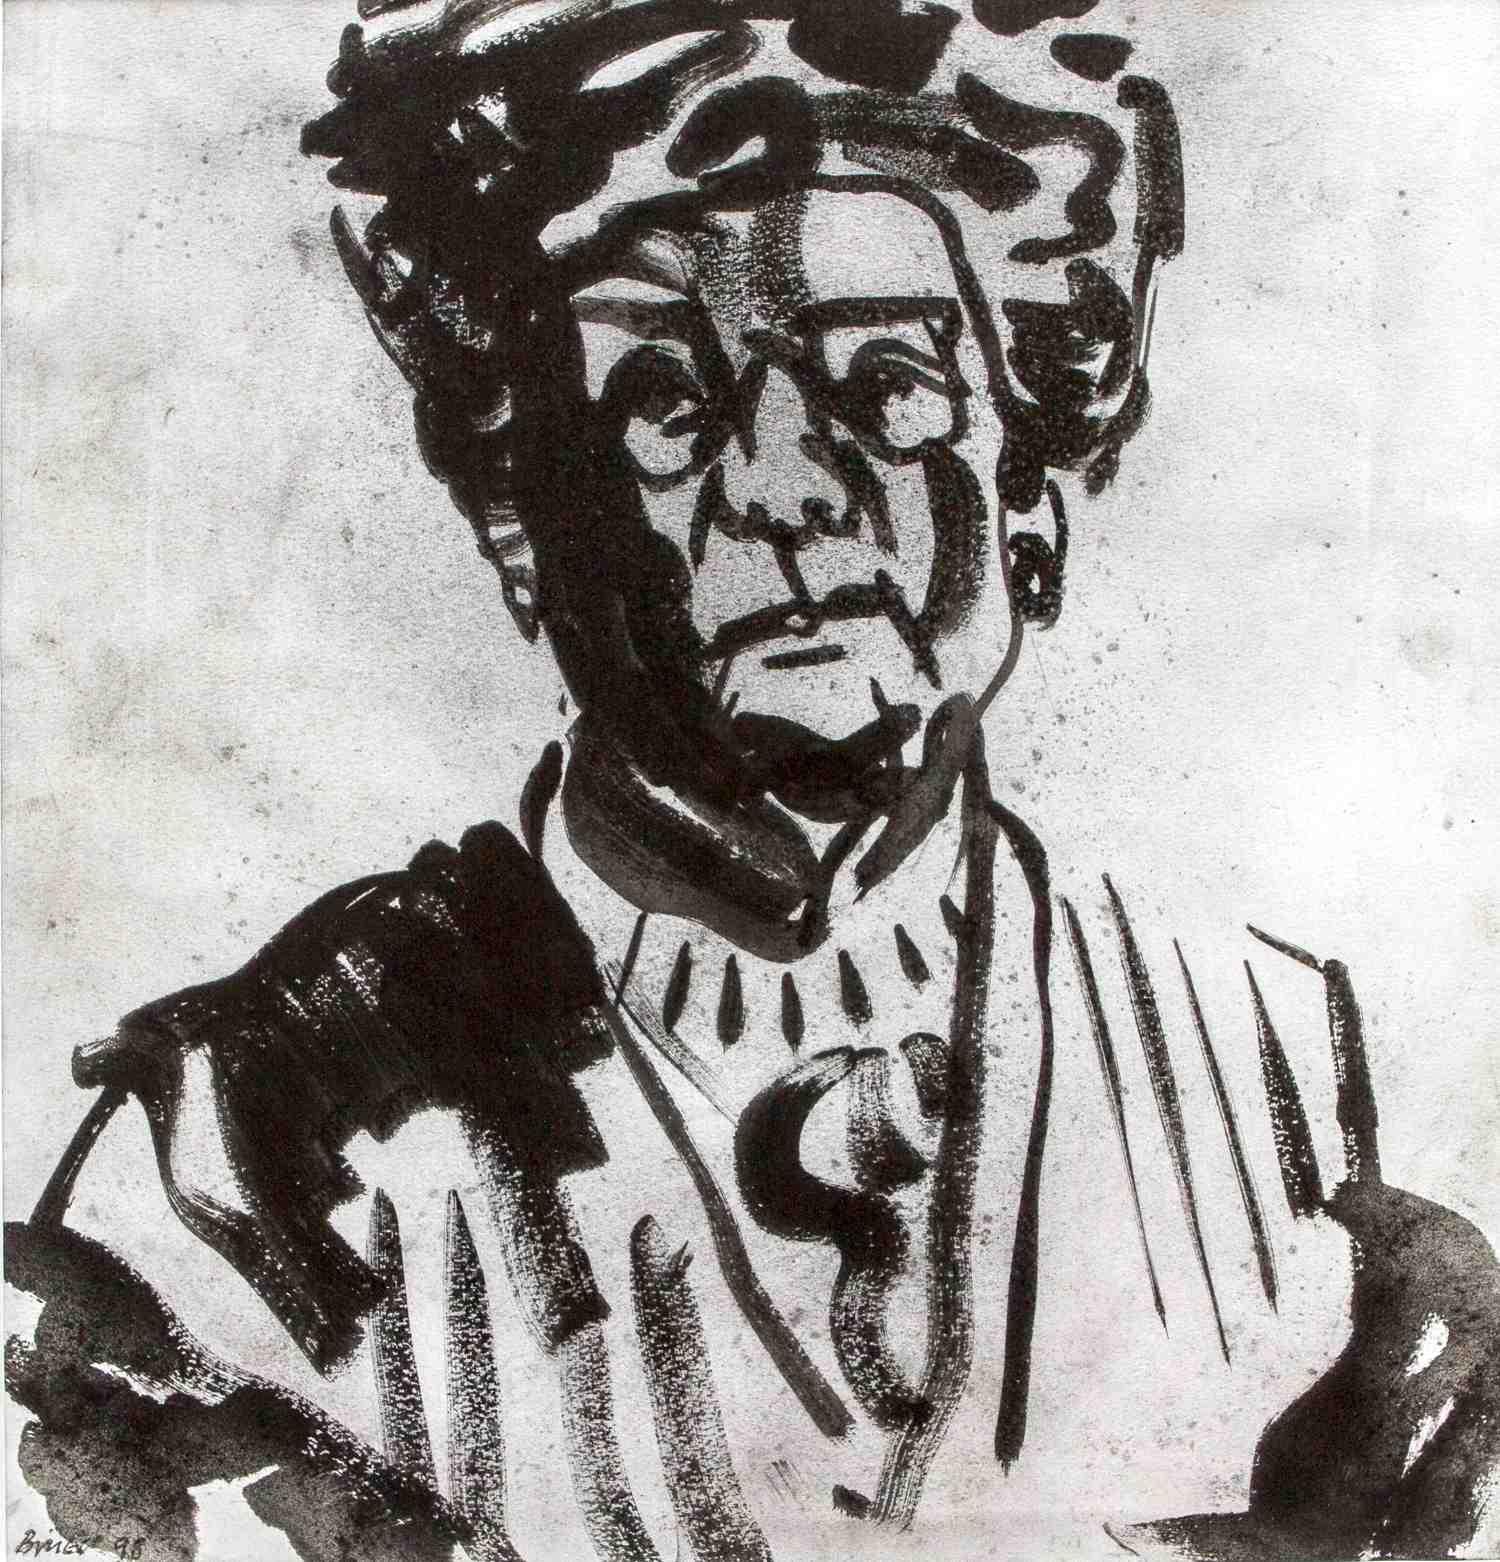 Bruer Tidman